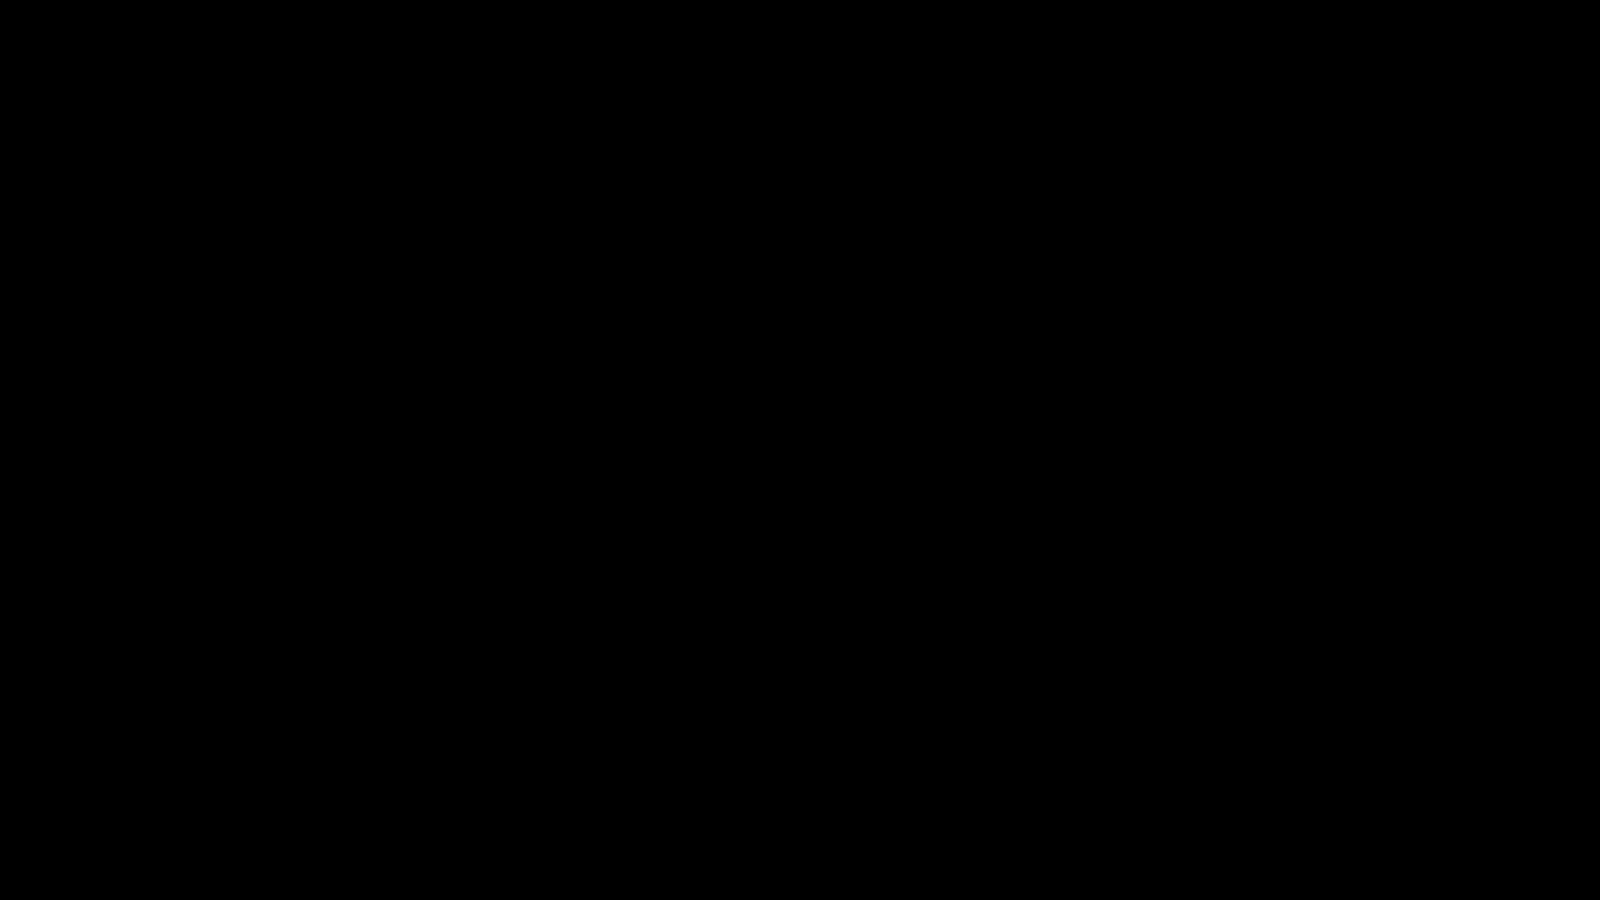 Borrão de tinta 6_fundo preto png